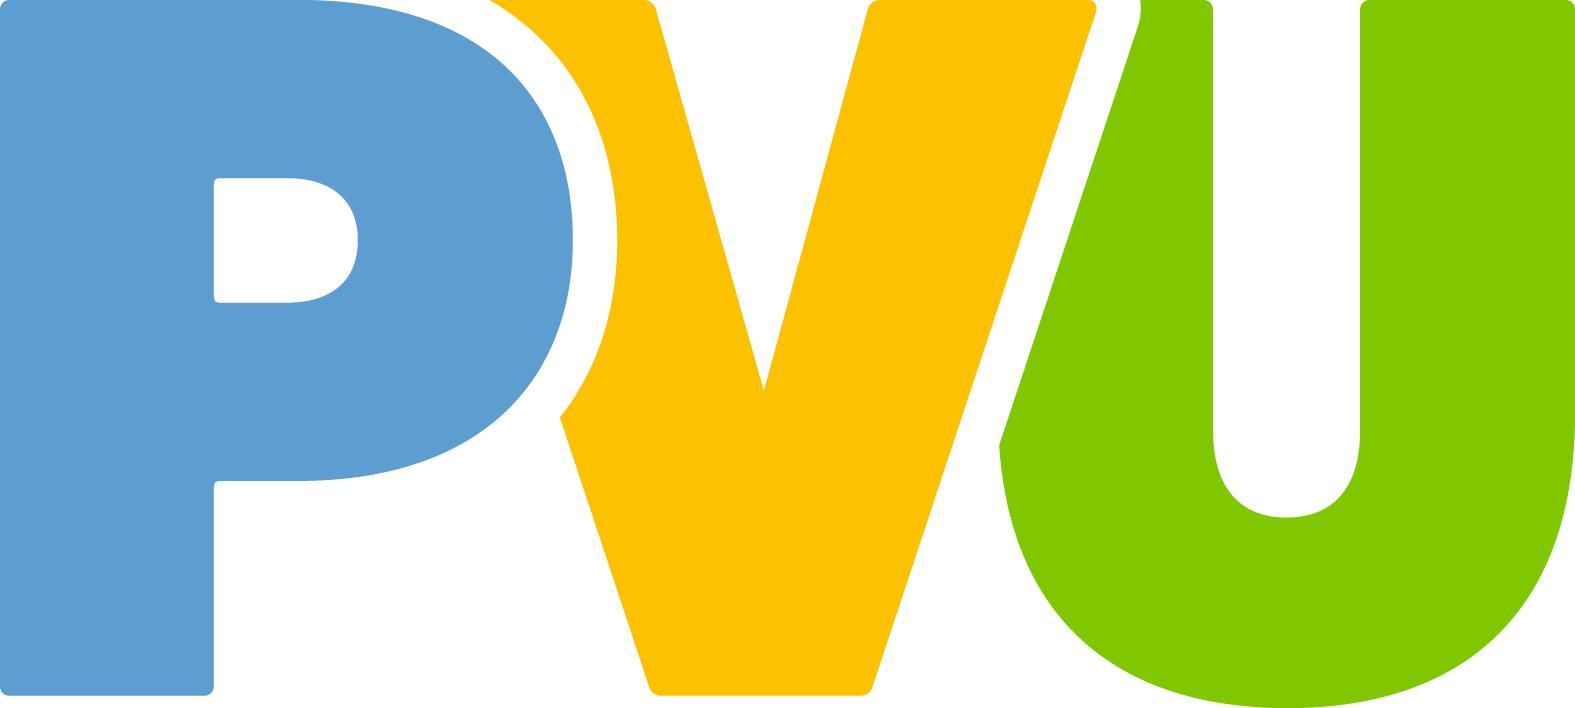 Logo PVU Perleberg